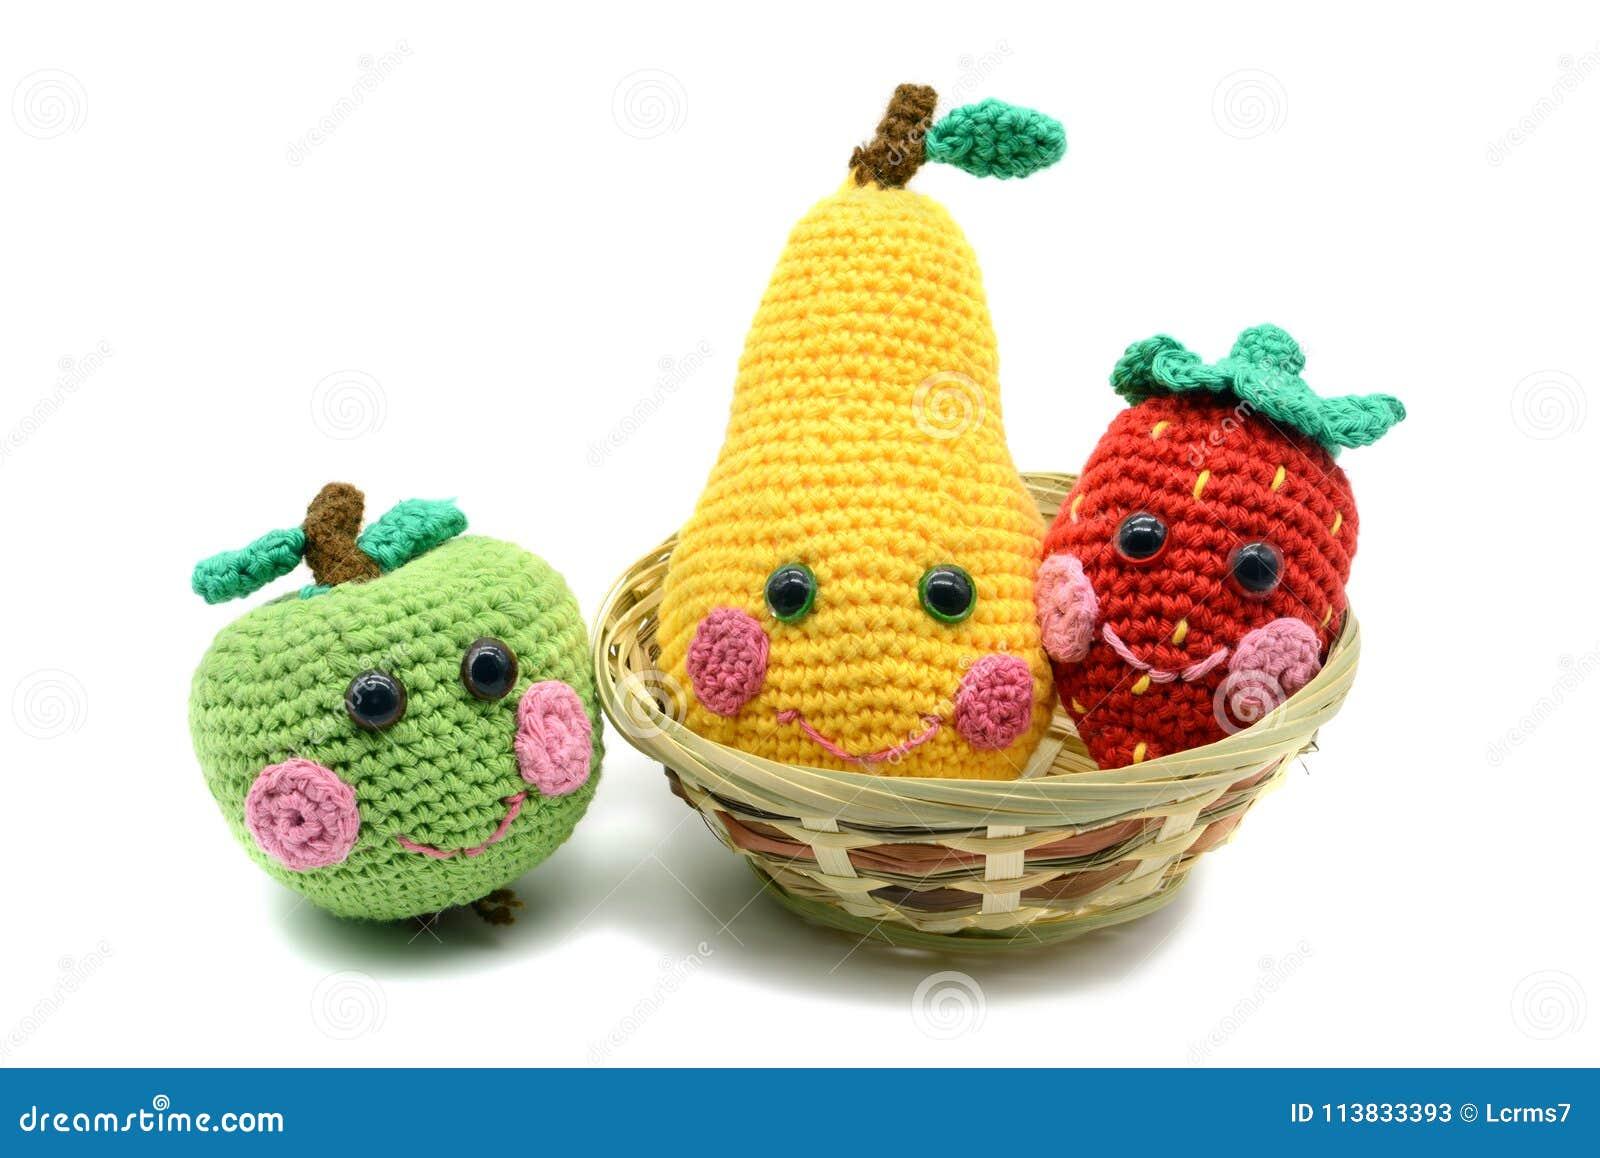 Häkeln Sie Fruchtapfelbirne Und Erdbeere Mit Lächelndem Gesicht Auf